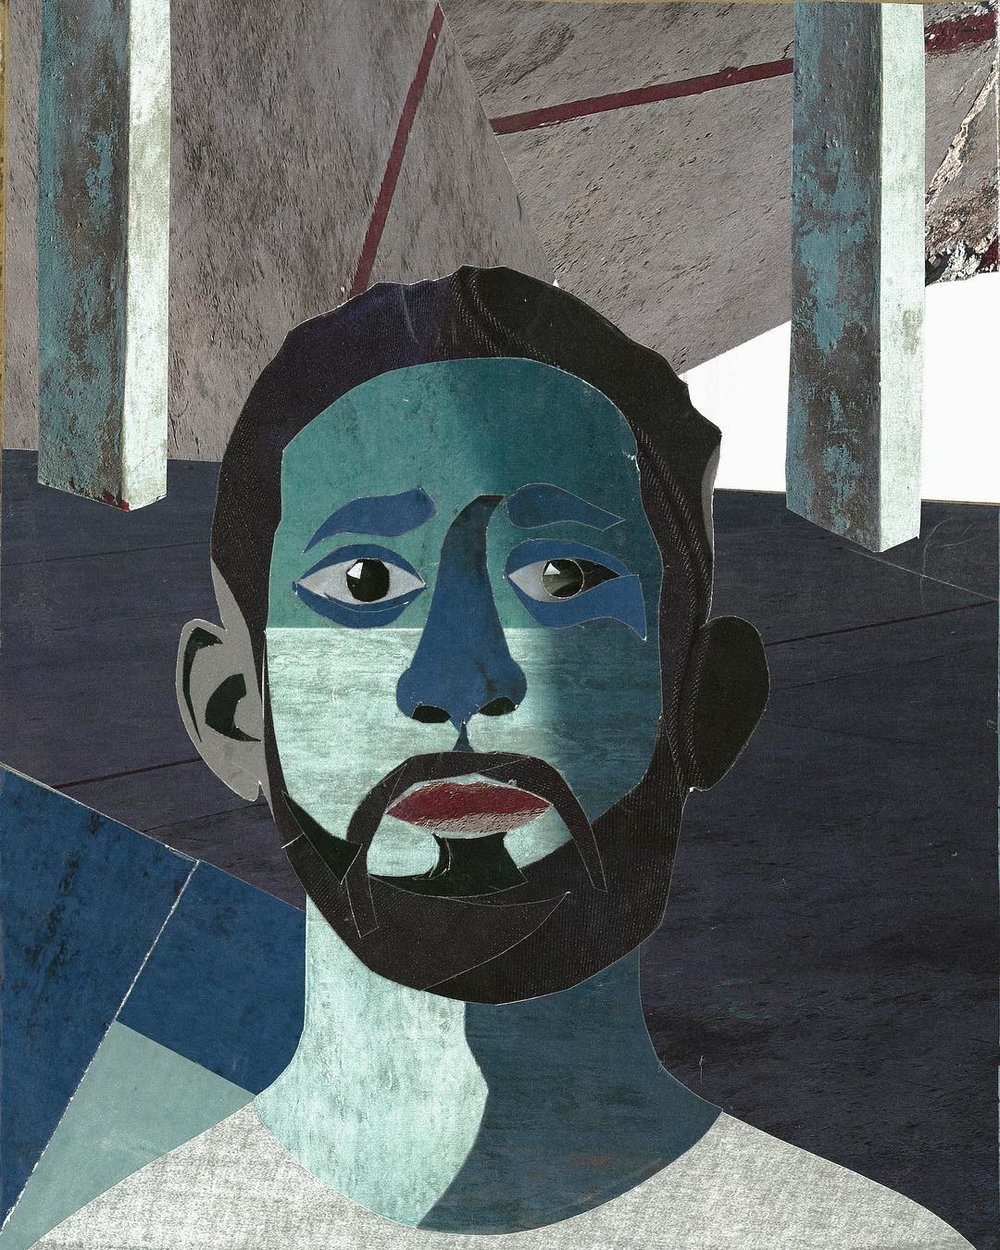 Portrait+of+Kyle+-+A+Color+Blue-Green.jpg